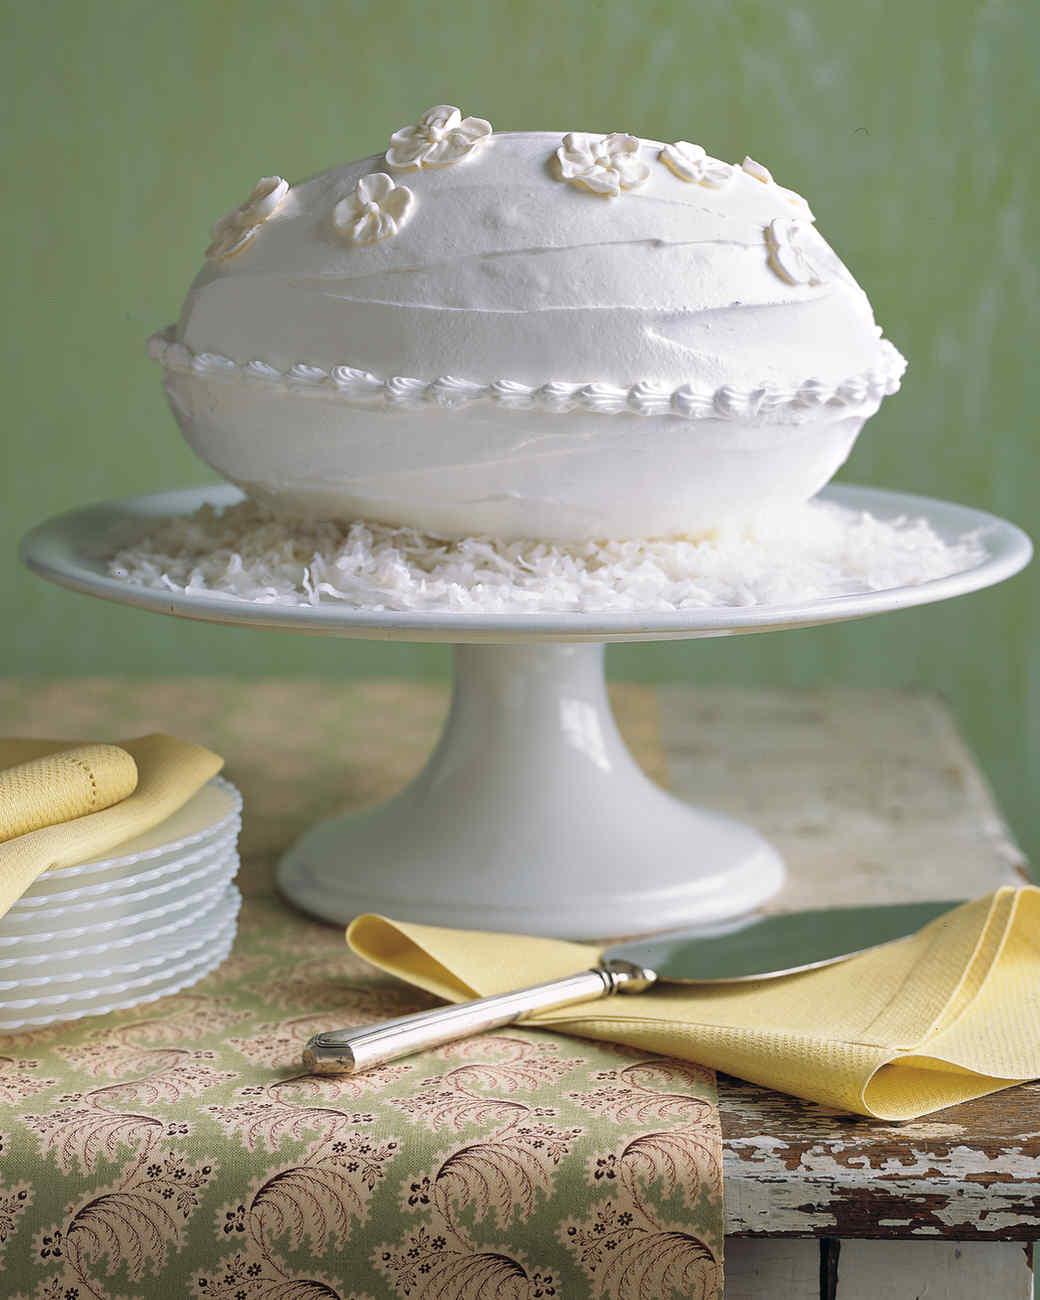 egg-cake-mmla104110.jpg